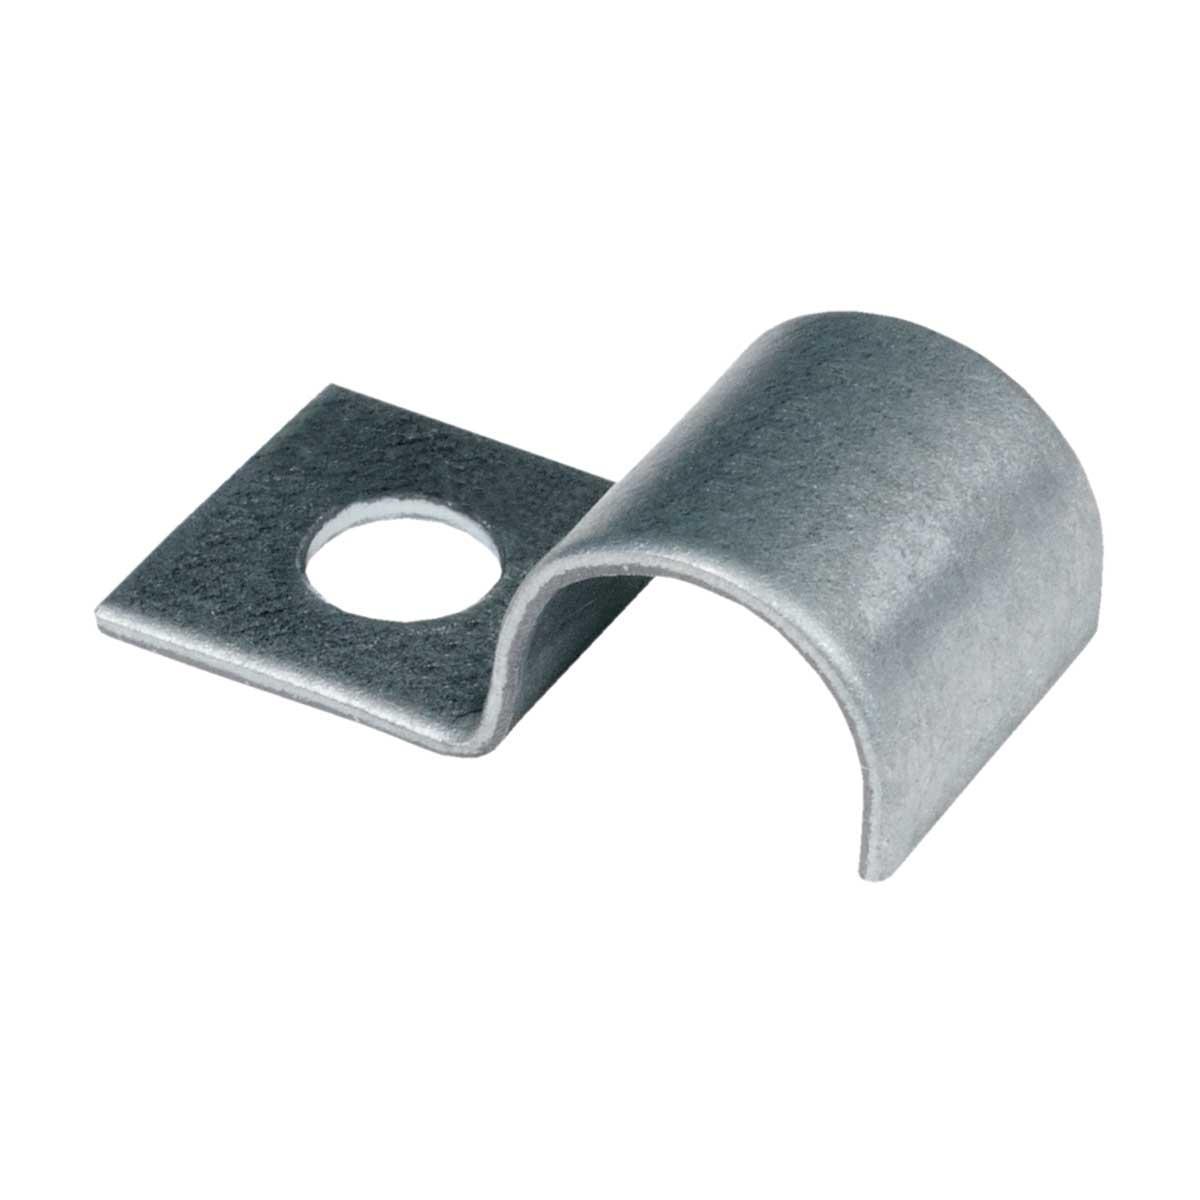 Хомут односторонній металевий для кабелю діаметром-8мм; Оцинковка Сендзимир